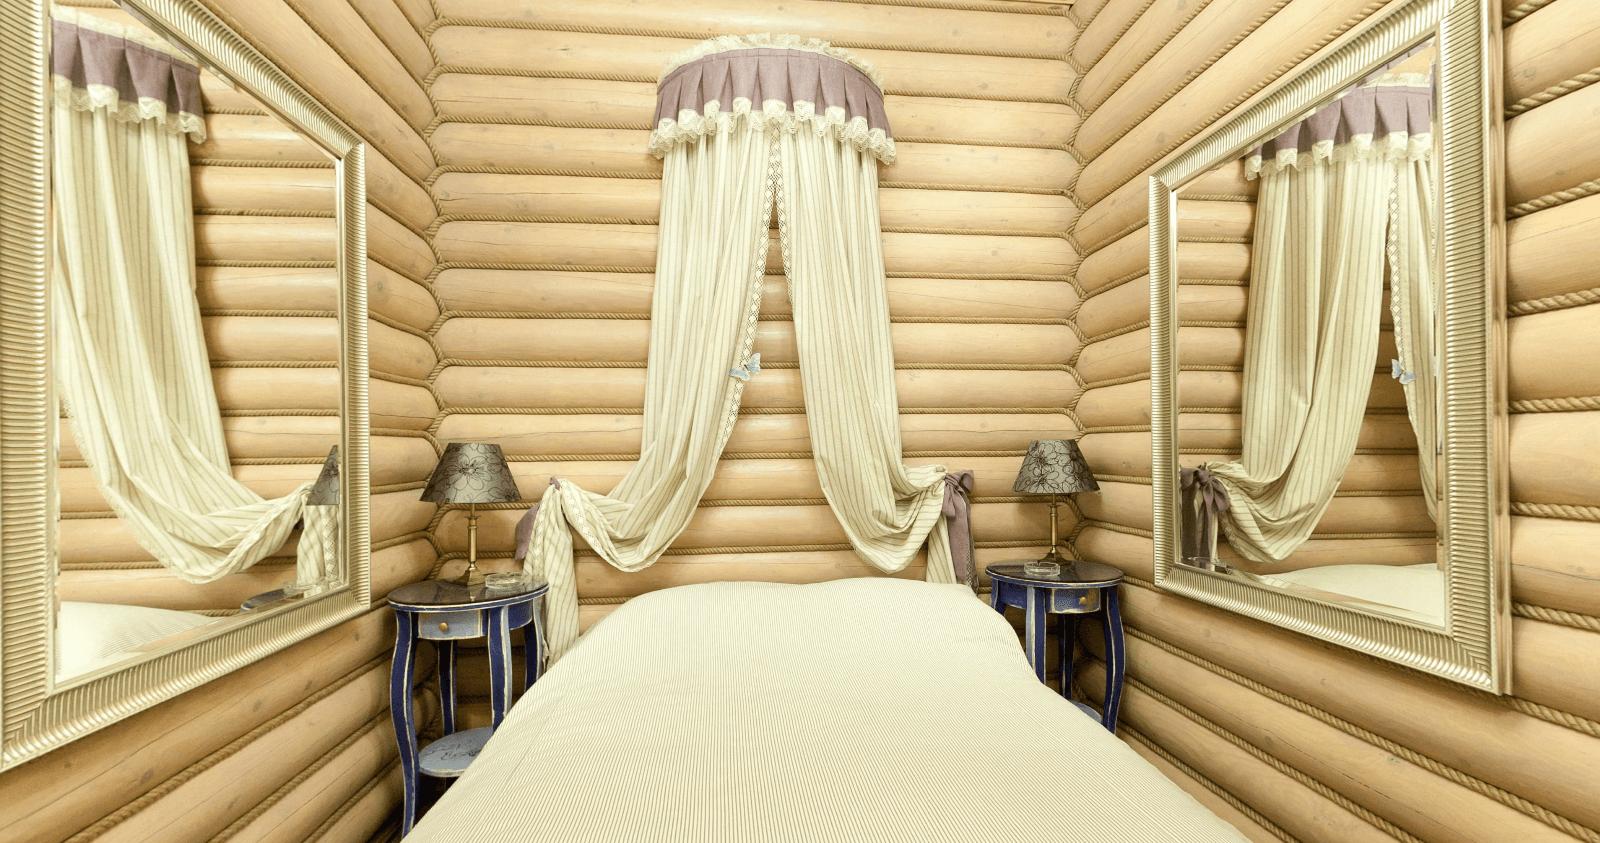 Баня 2 - отдых для тела и души